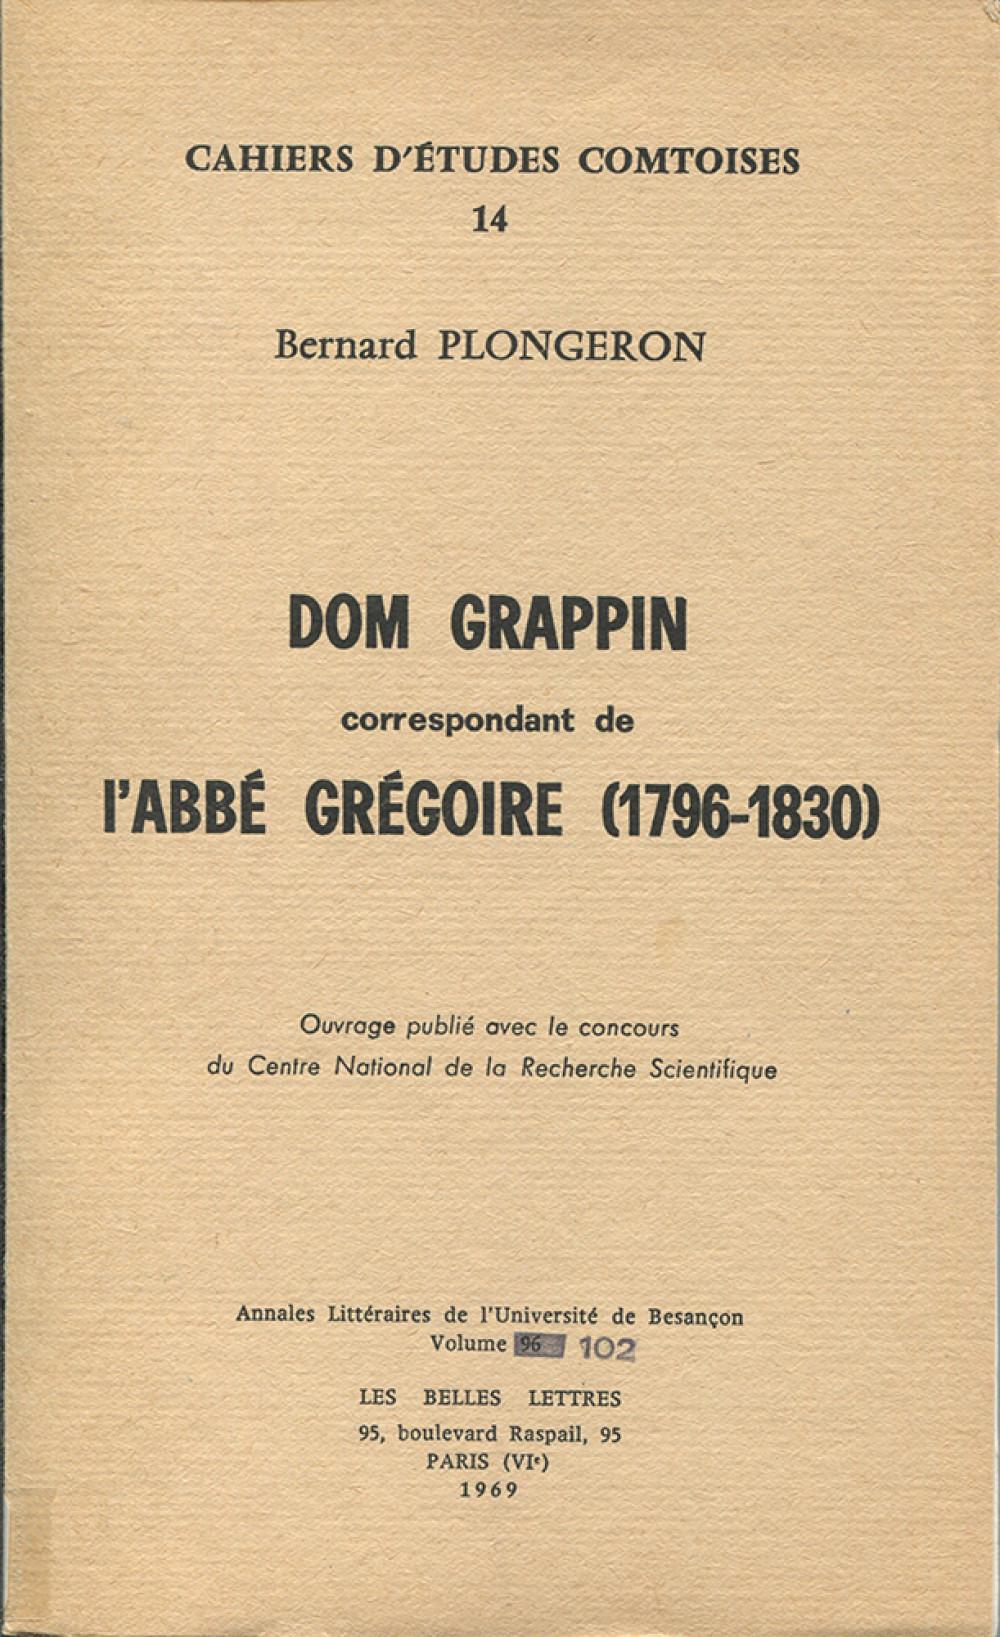 Dom Grappin correspondant de l'abbé Grégoire (1796-1830)